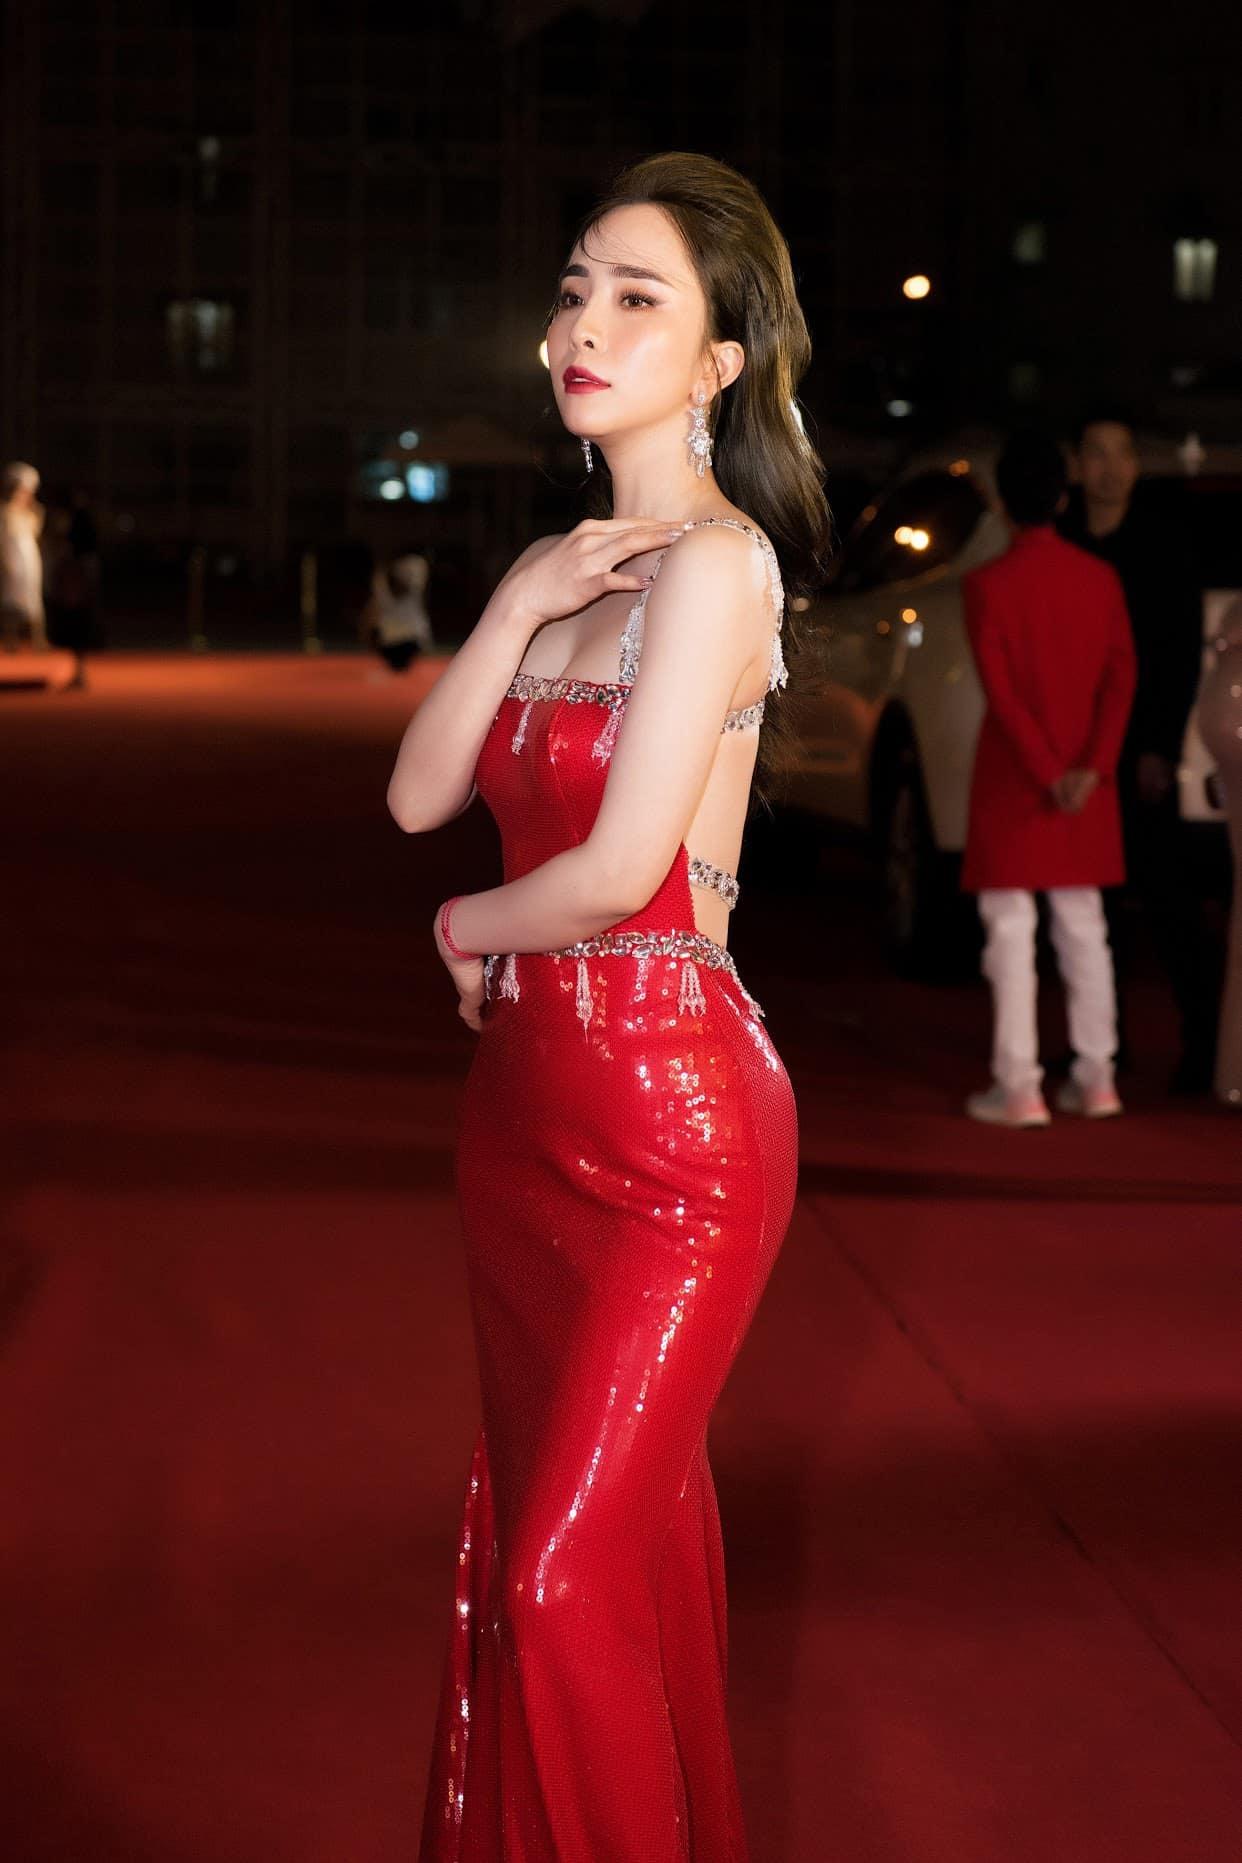 Thời trang nóng bỏng của Quỳnh Nga 'cá sấu chúa'